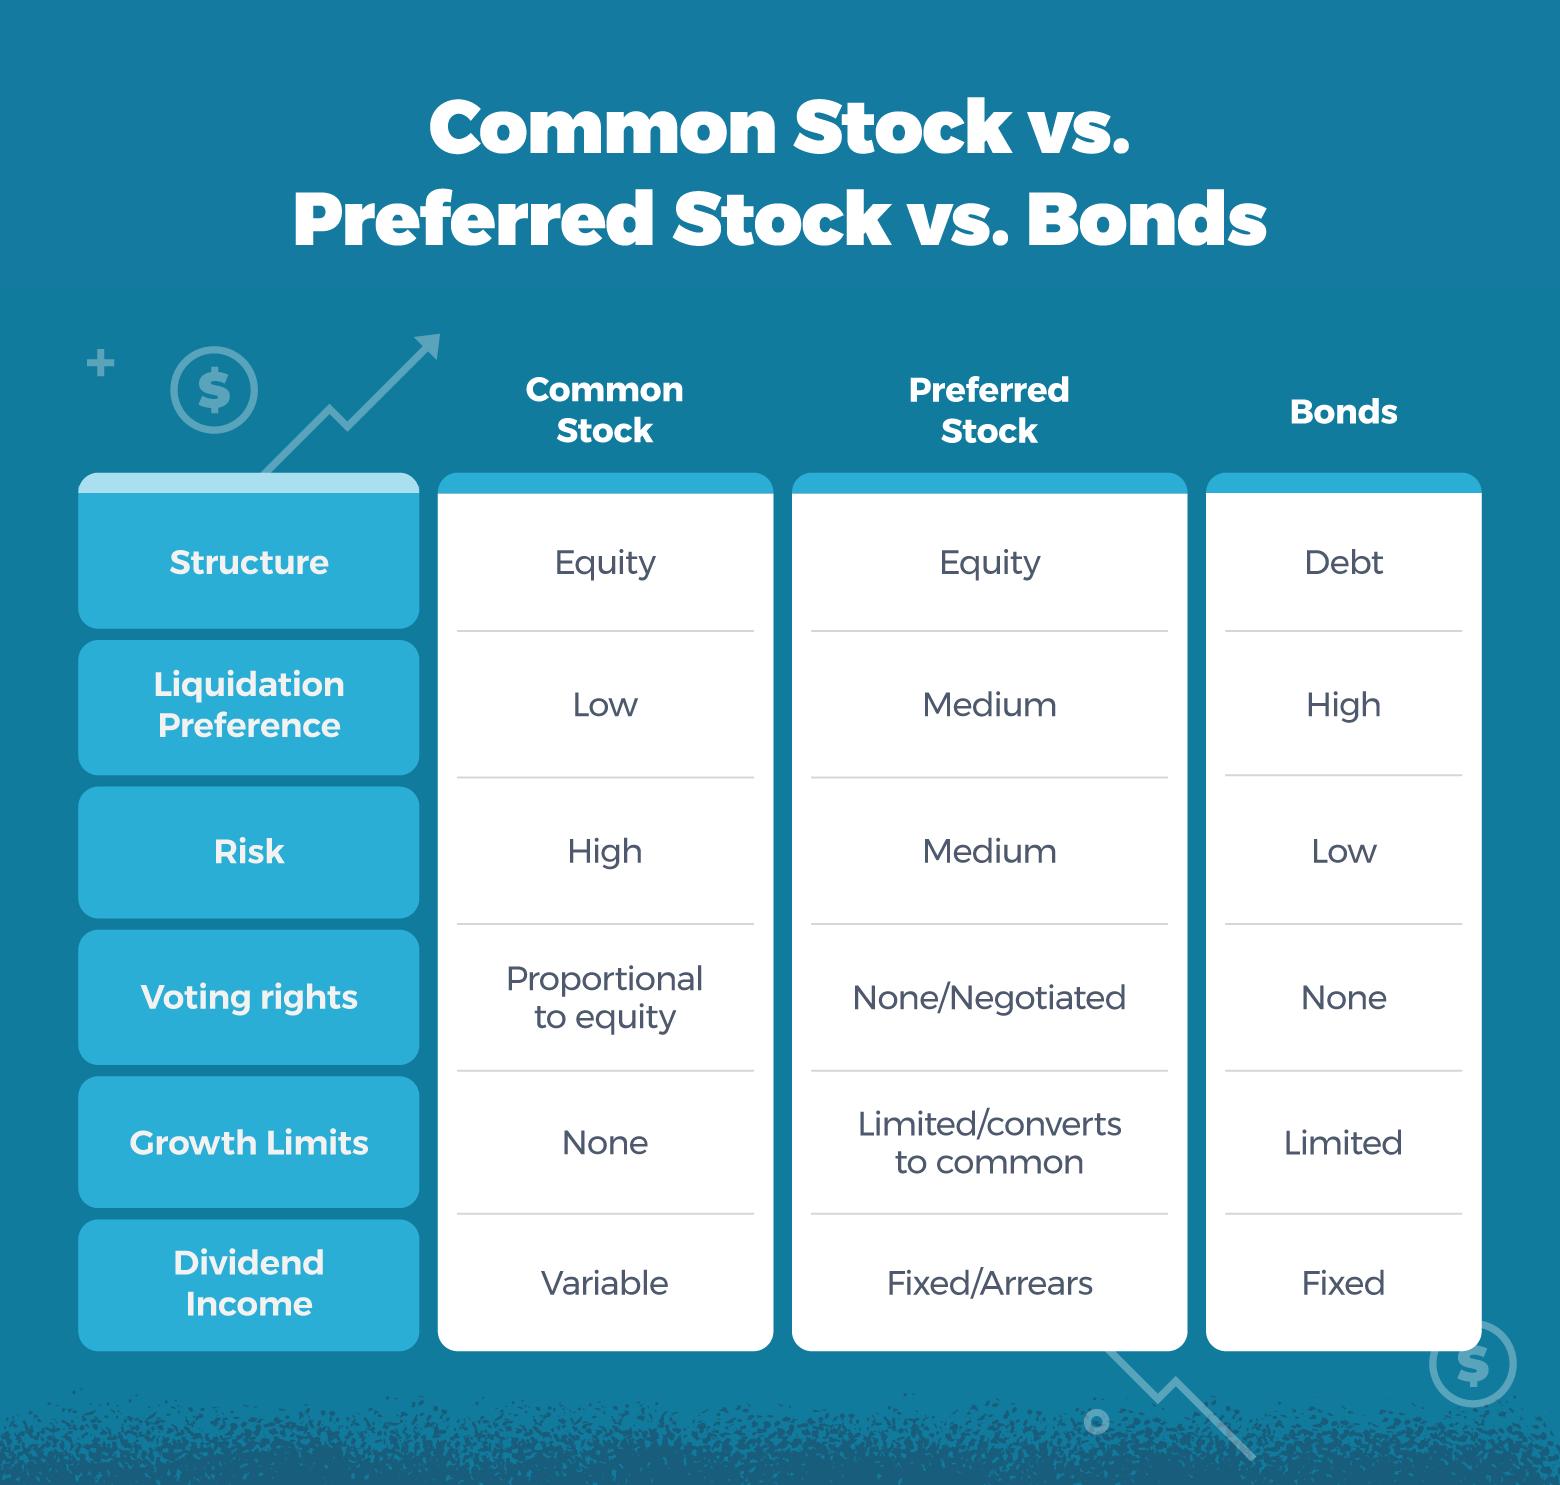 Common stock vs preferred stock vs bonds